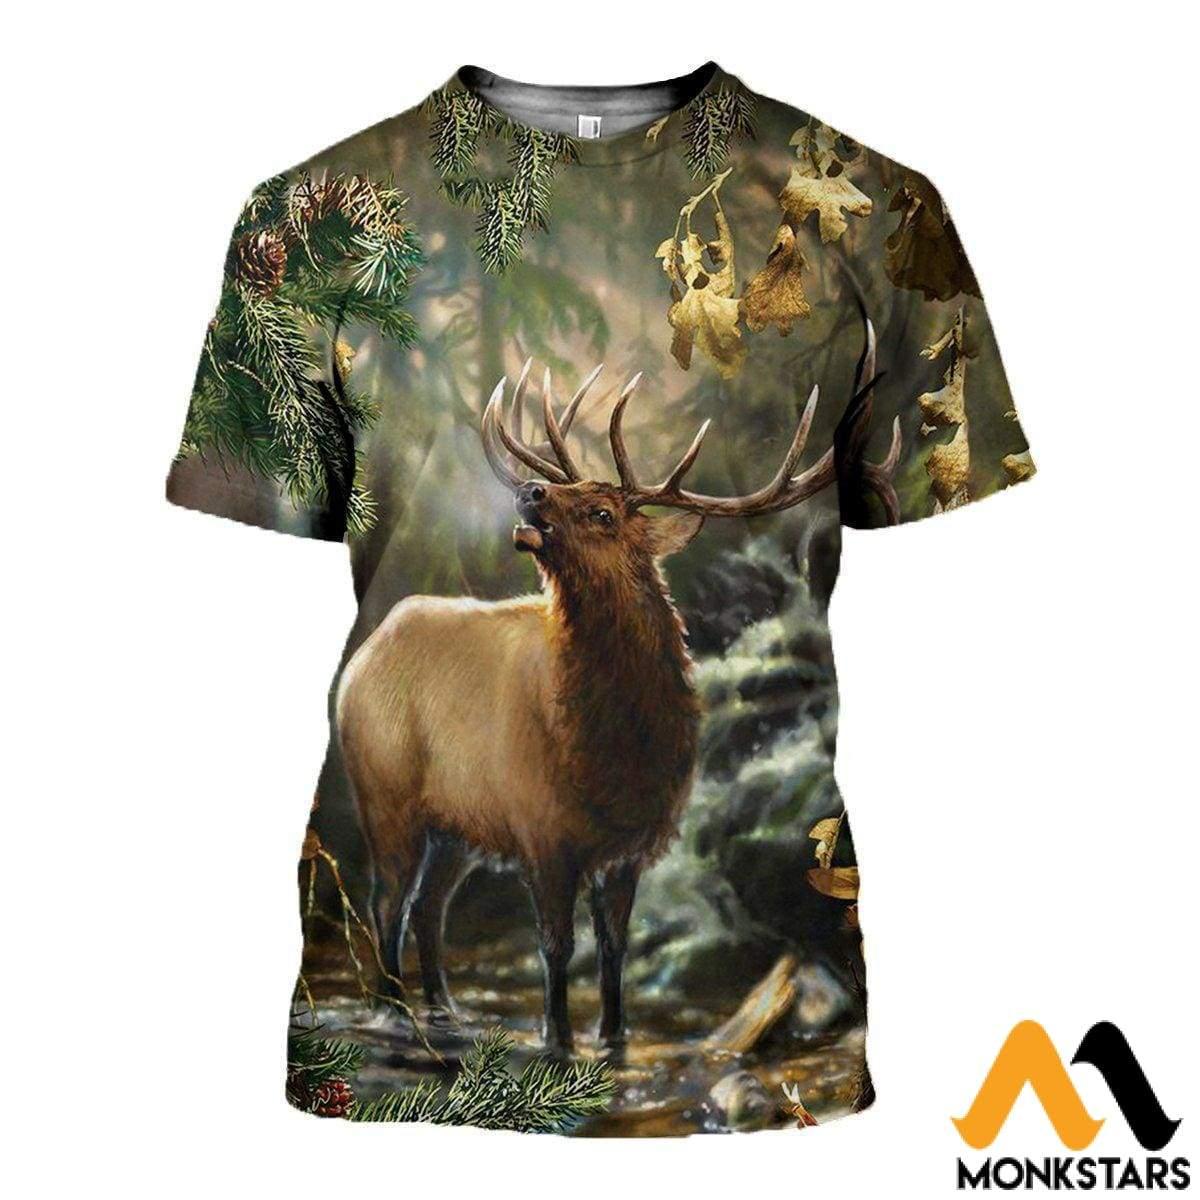 3d Over Printed Deer Art Clothes - Monkstars